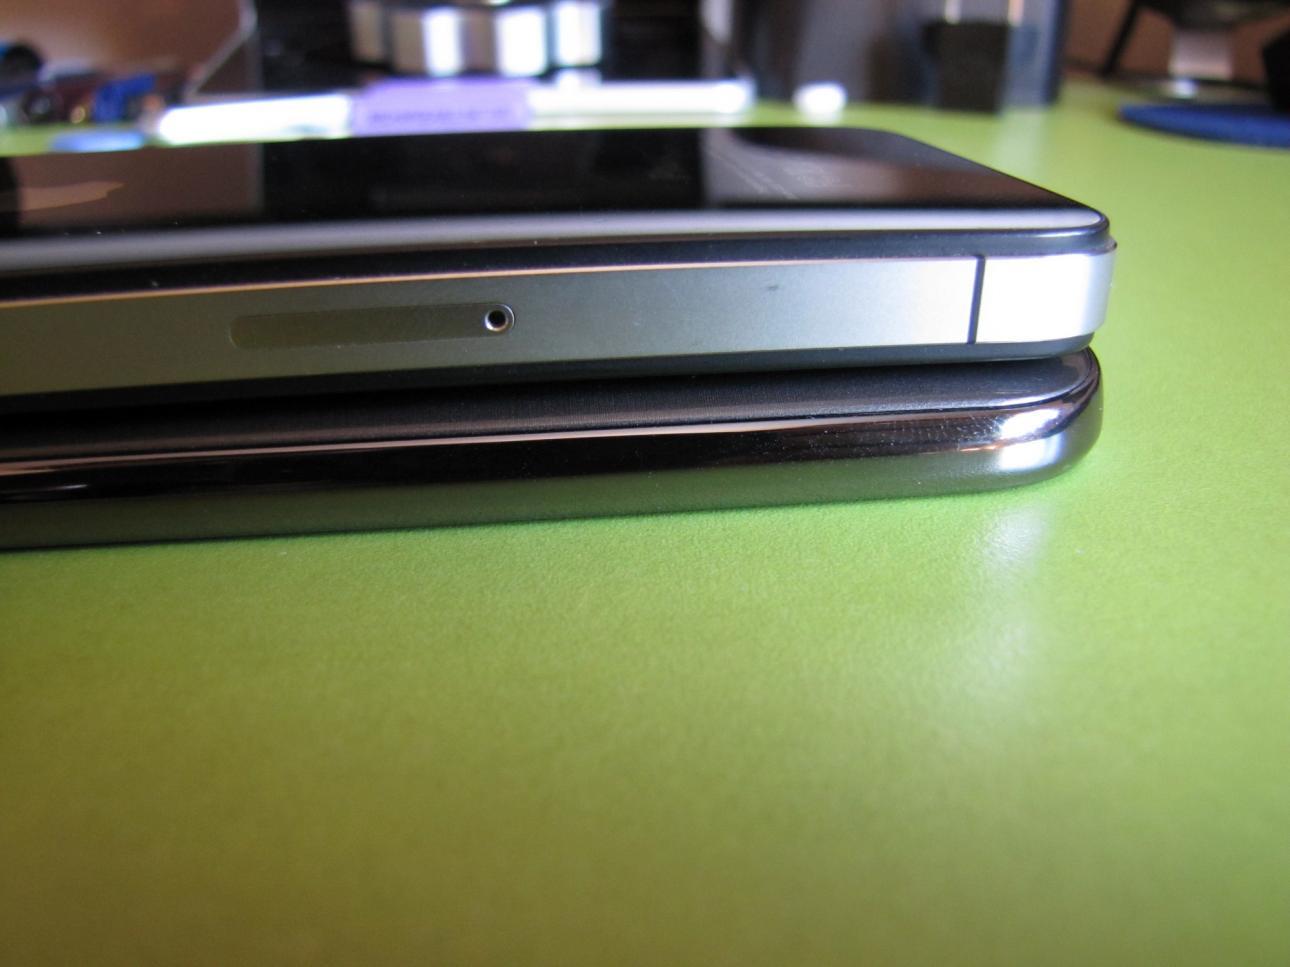 Review  Feiteng H9500 vista_01-jpg.16755